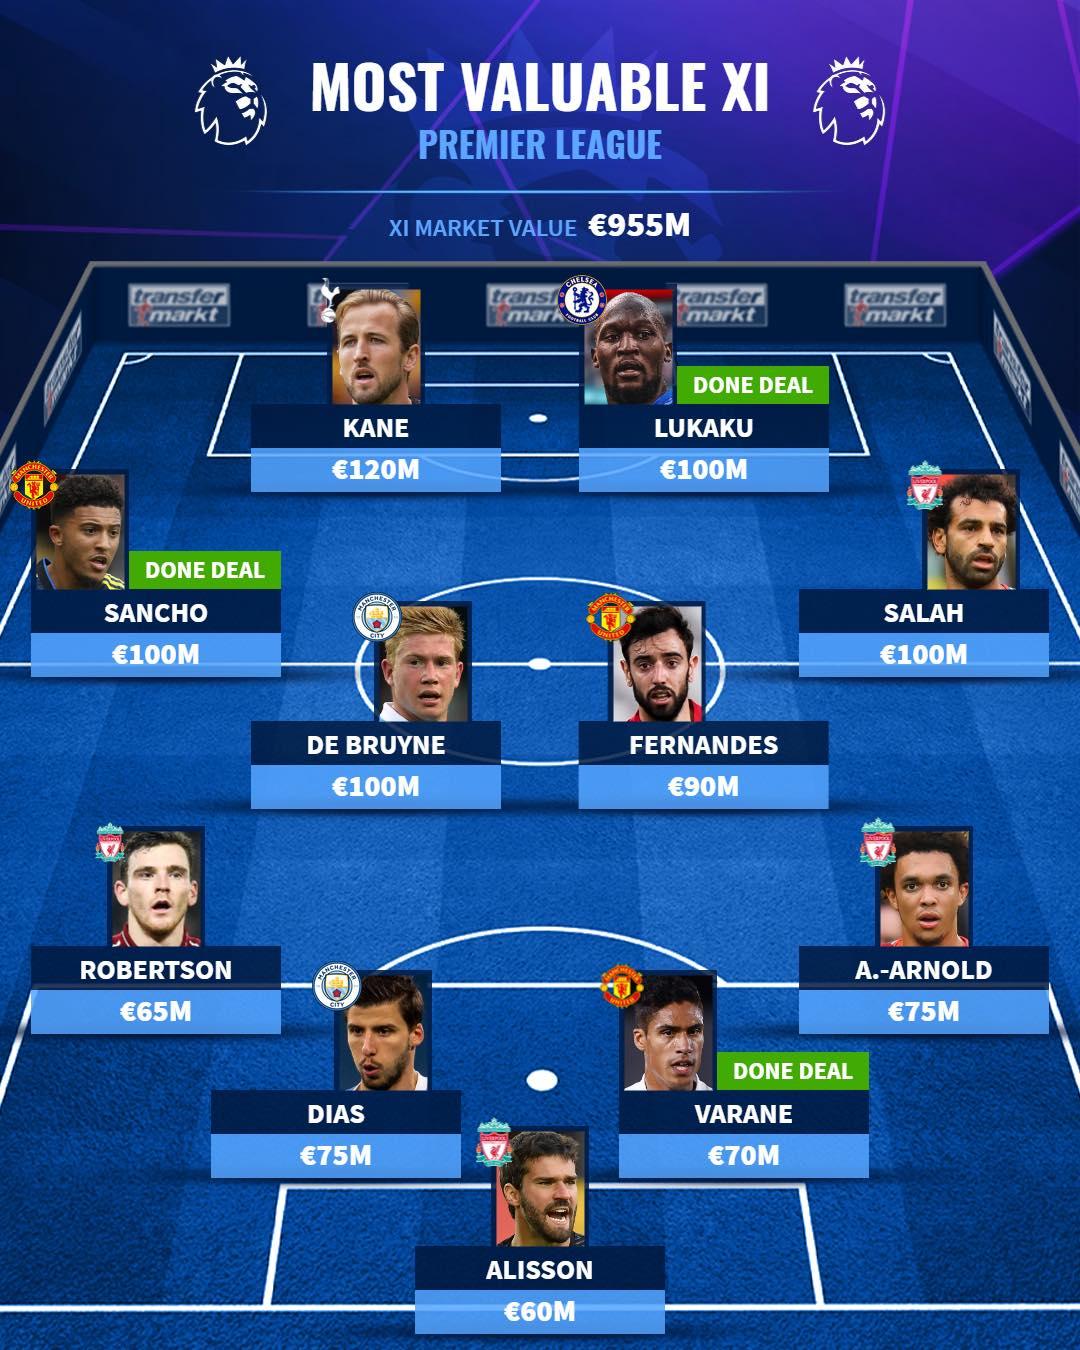 Đội hình đắt giá nhất Premier League - Bóng Đá